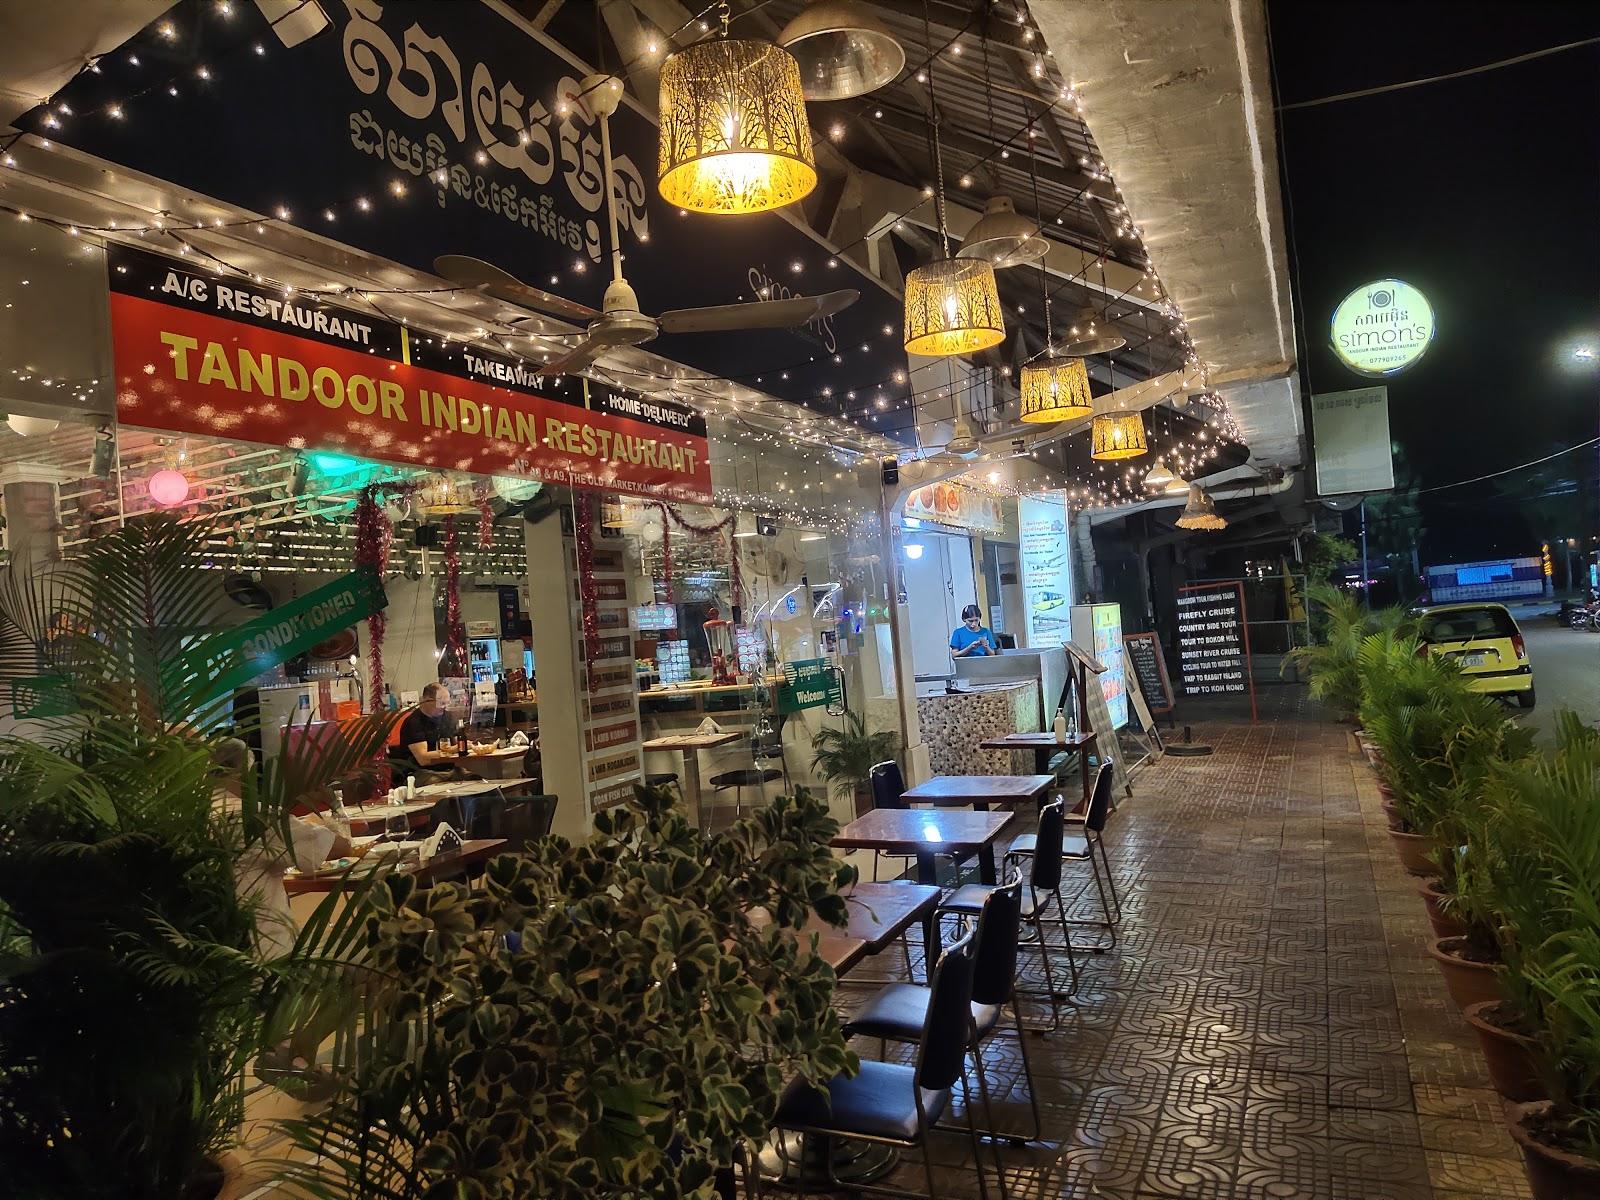 Simons Tandoor Indian Restaurant